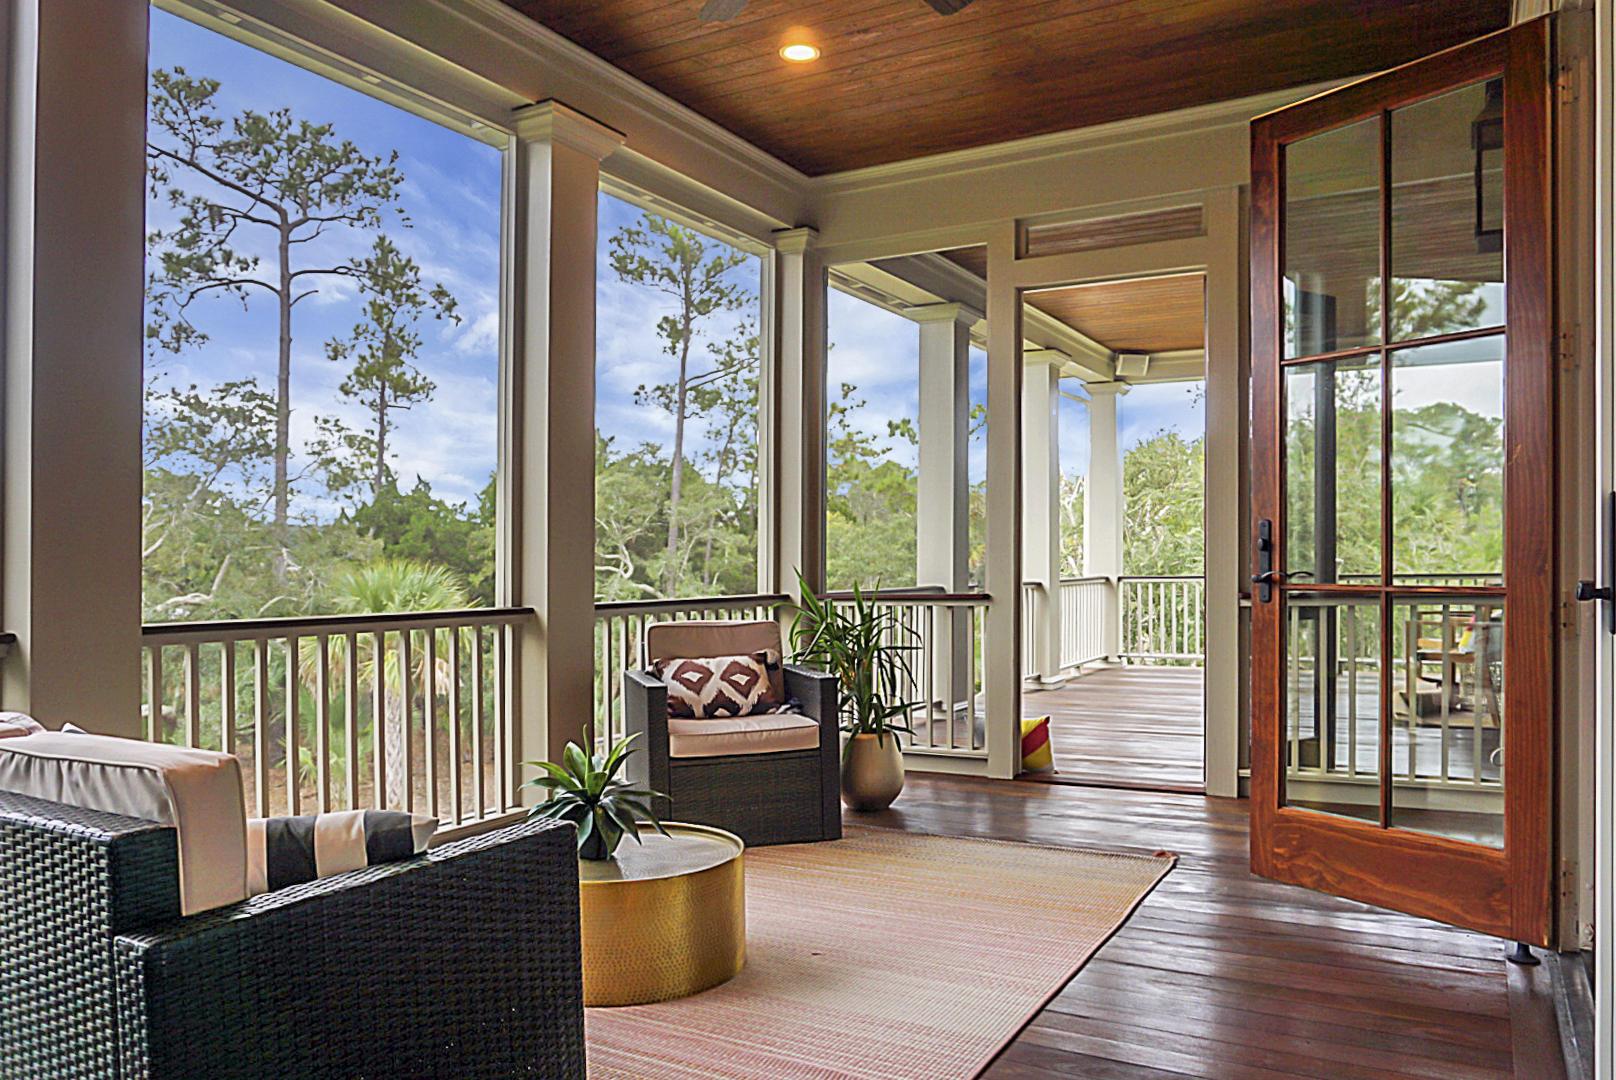 Dunes West Homes For Sale - 2978 River Vista, Mount Pleasant, SC - 50